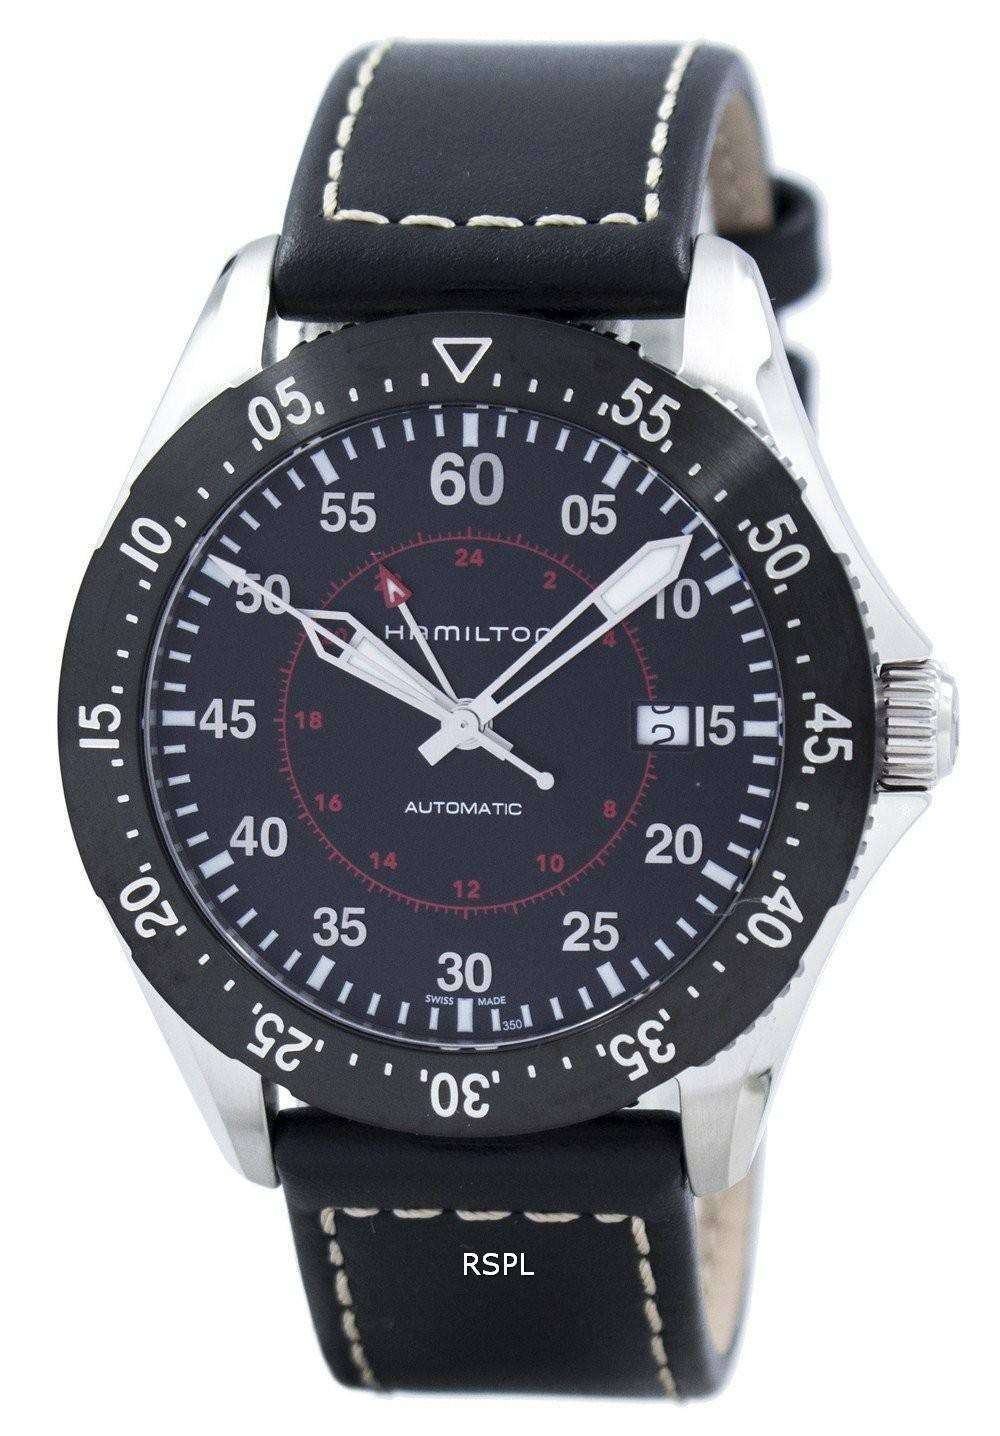 ハミルトン カーキ アヴィエイション パイロット GMT 自動 H76755735 メンズ腕時計